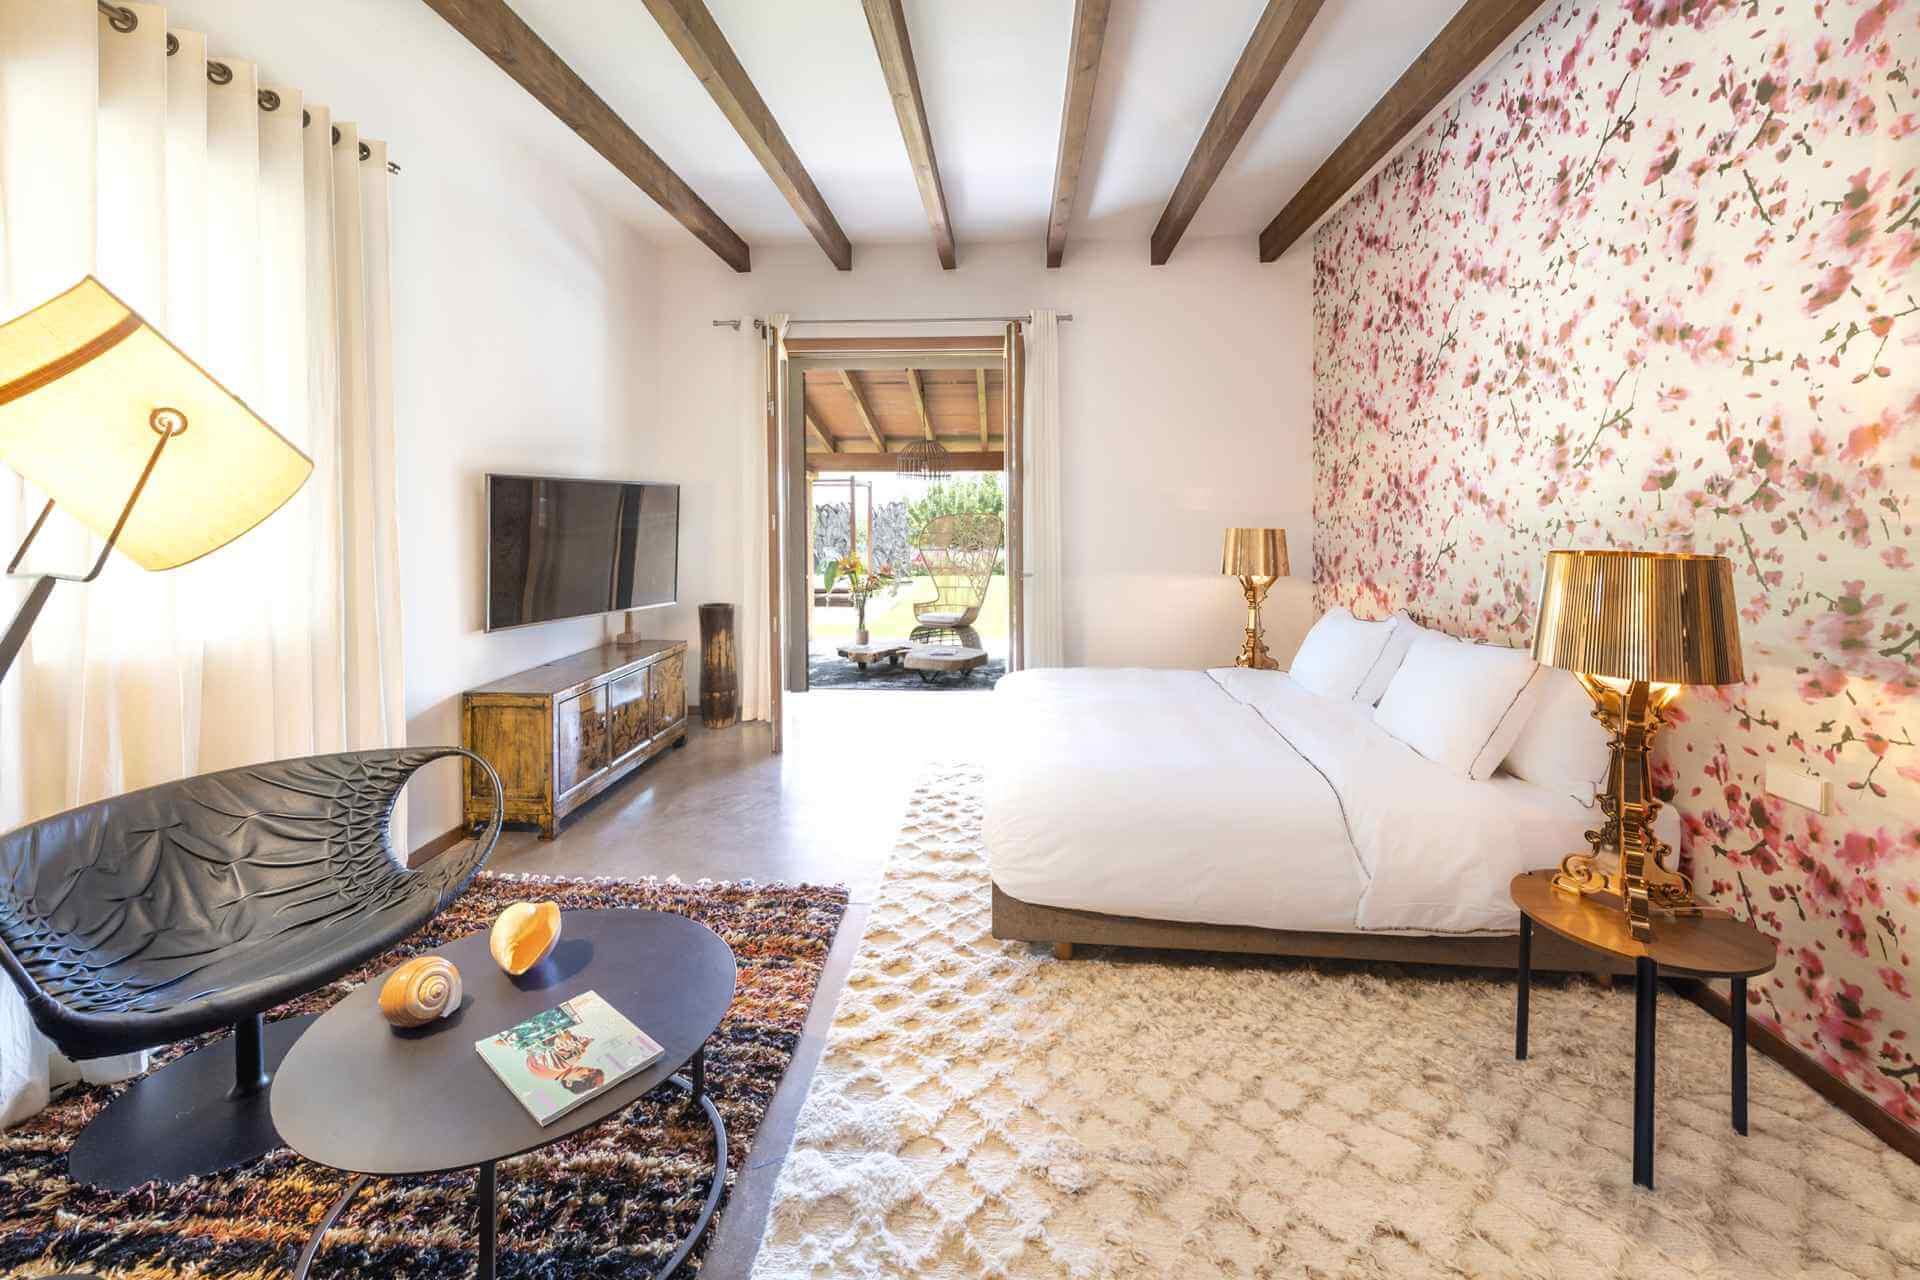 01-354 Luxus Design Finca Mallorca Zentrum Bild 17